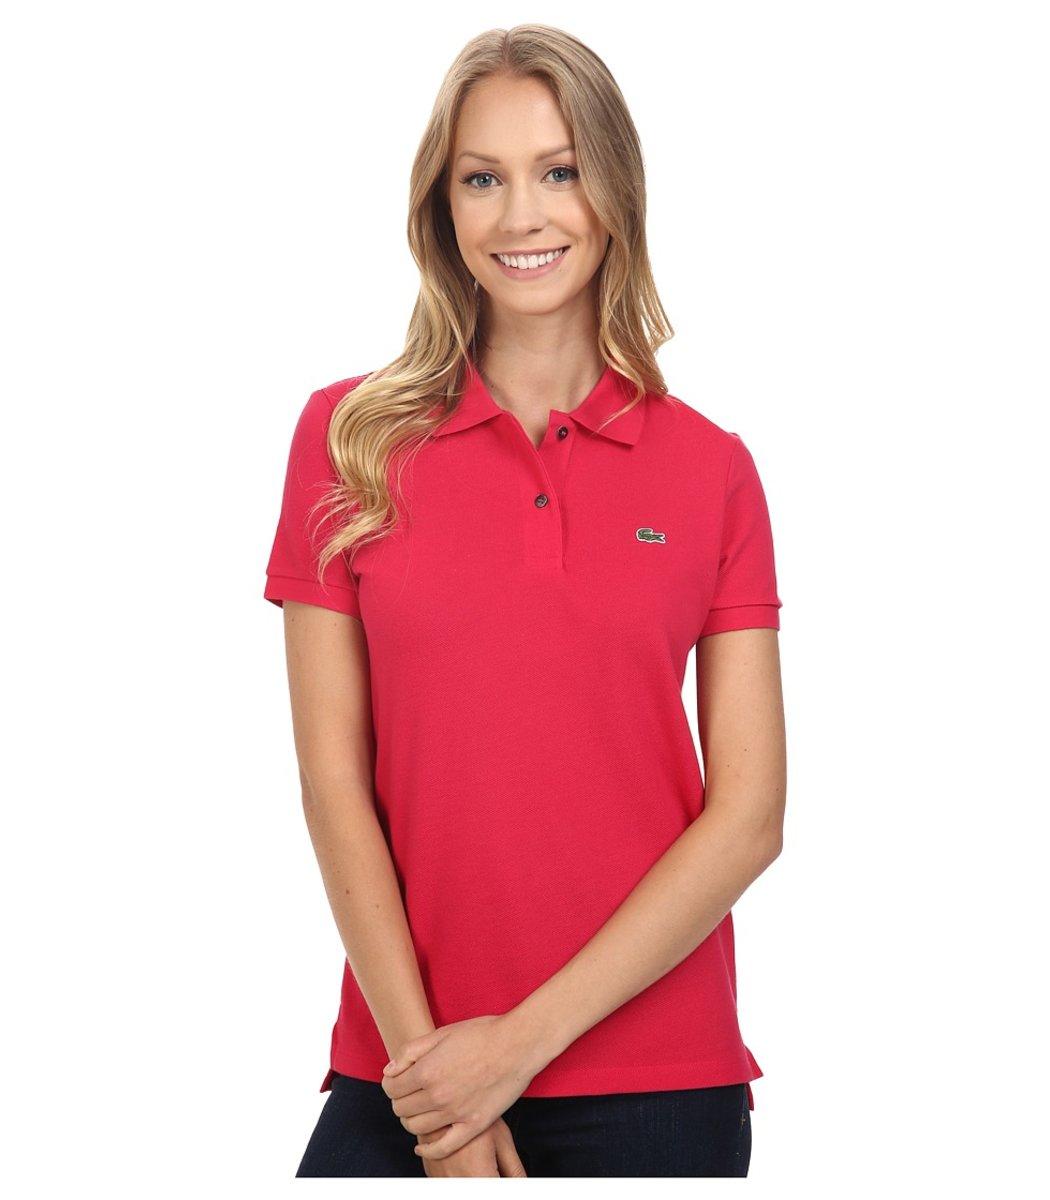 Женская красная футболка поло Lacoste - красный - Вид 1